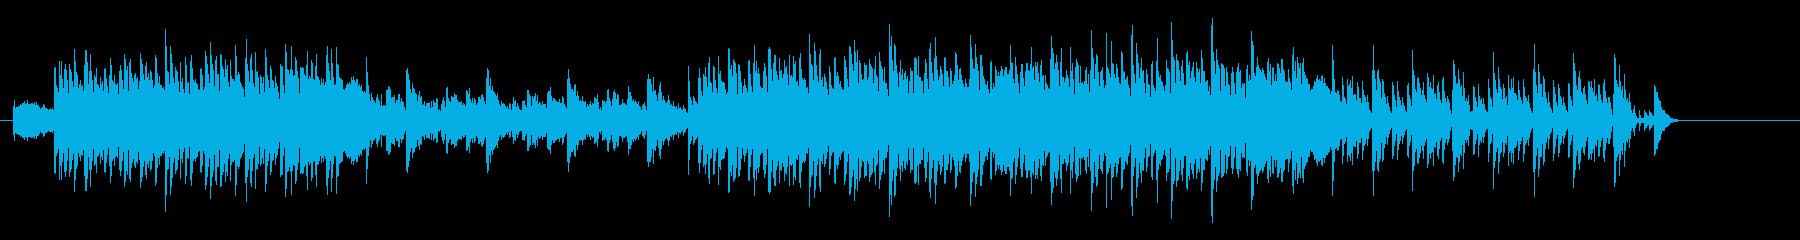 愉快にはじけるエレクトリックなポップスの再生済みの波形